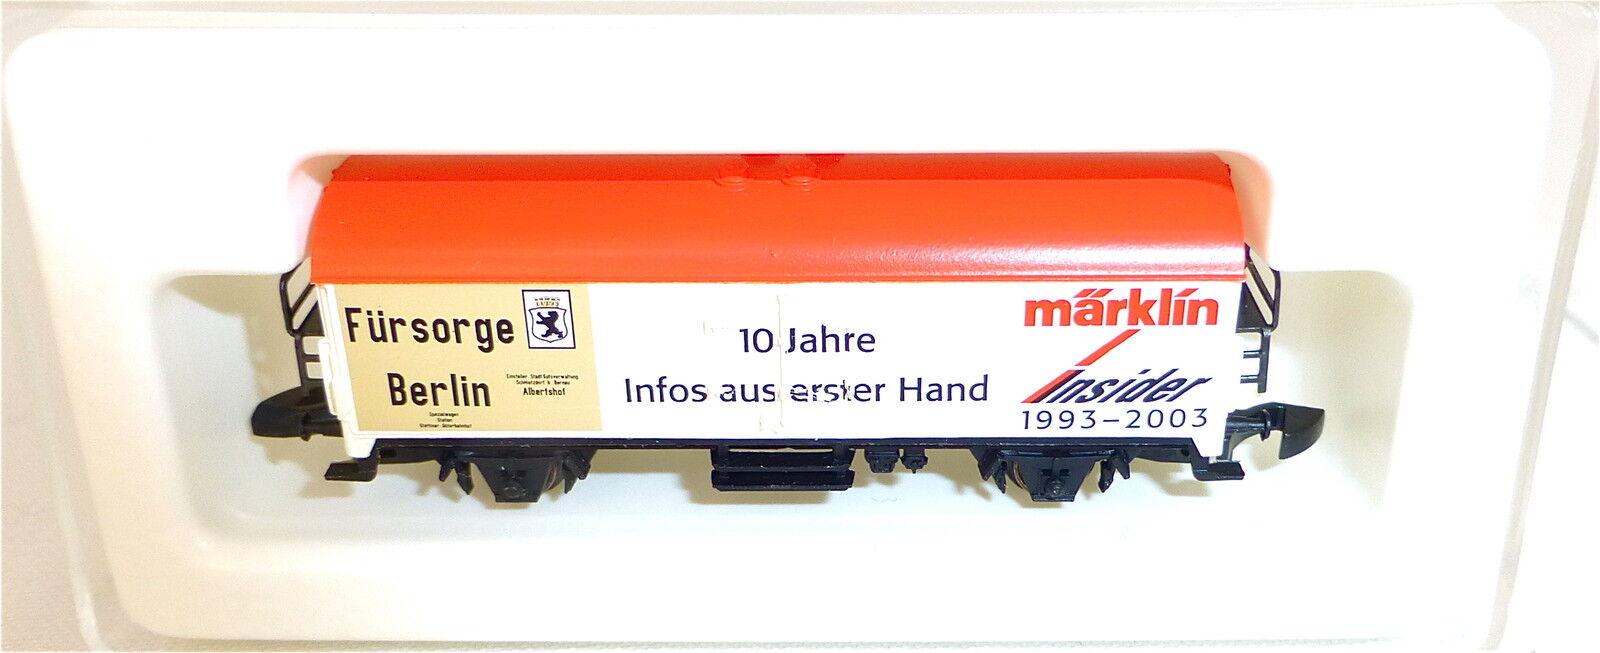 Fürsorge Berlin 10 J.Initié 1993-2003 Mini-Club Märklin Voie Z 1 220